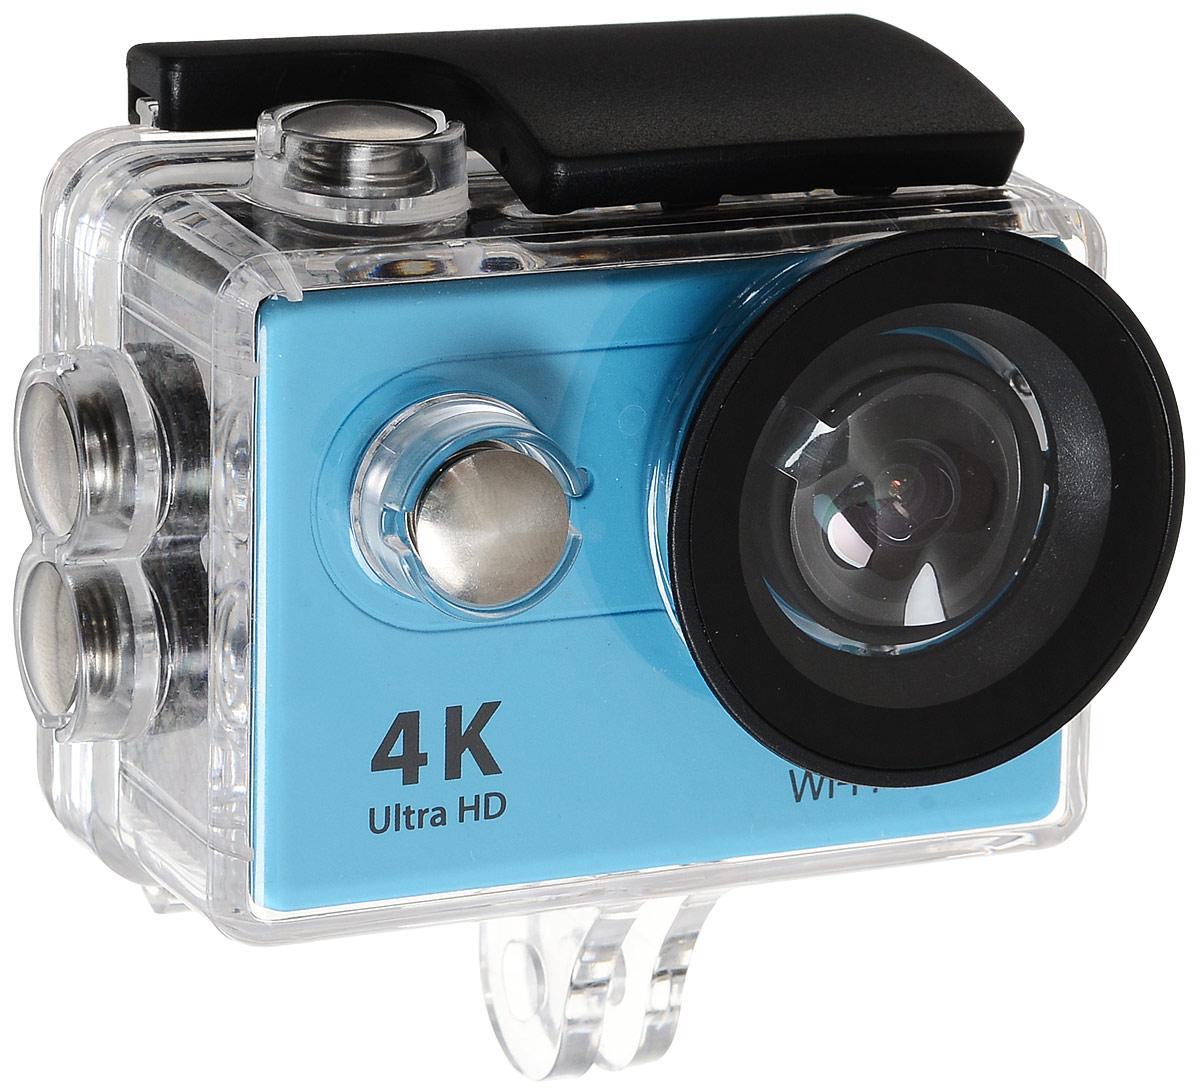 Eken H9R Ultra HD, Blue экшн-камераH9R BLUEЭкшн-камера Eken H9R Ultra HD позволяет записывать видео с разрешением 4К и очень плавным изображением до 30 кадров в секунду. Камера оснащена 2 TFT LCD экраном. Эта модель сделана для любителей спорта на улице, подводного плавания, скейтбординга, скай-дайвинга, скалолазания, бега или охоты. Снимайте с руки, на велосипеде, в машине и где угодно. По сравнению с предыдущими версиями, в Eken H9R Ultra HD вы найдете уменьшенные размеры корпуса, увеличенный до 2-х дюймов экран, невероятную оптику и фантастическое разрешение изображения при съемке 30 кадров в секунду! Управляйте вашей H9R на своем смартфоне или планшете. Приложение Ez iCam App позволяет работать с браузером и наблюдать все то, что видит ваша камера. В комплекте с камерой идет пульт ДУ работающий на частоте 2,4 ГГц. Он позволяет начинать и заканчивать съемку удаленно.